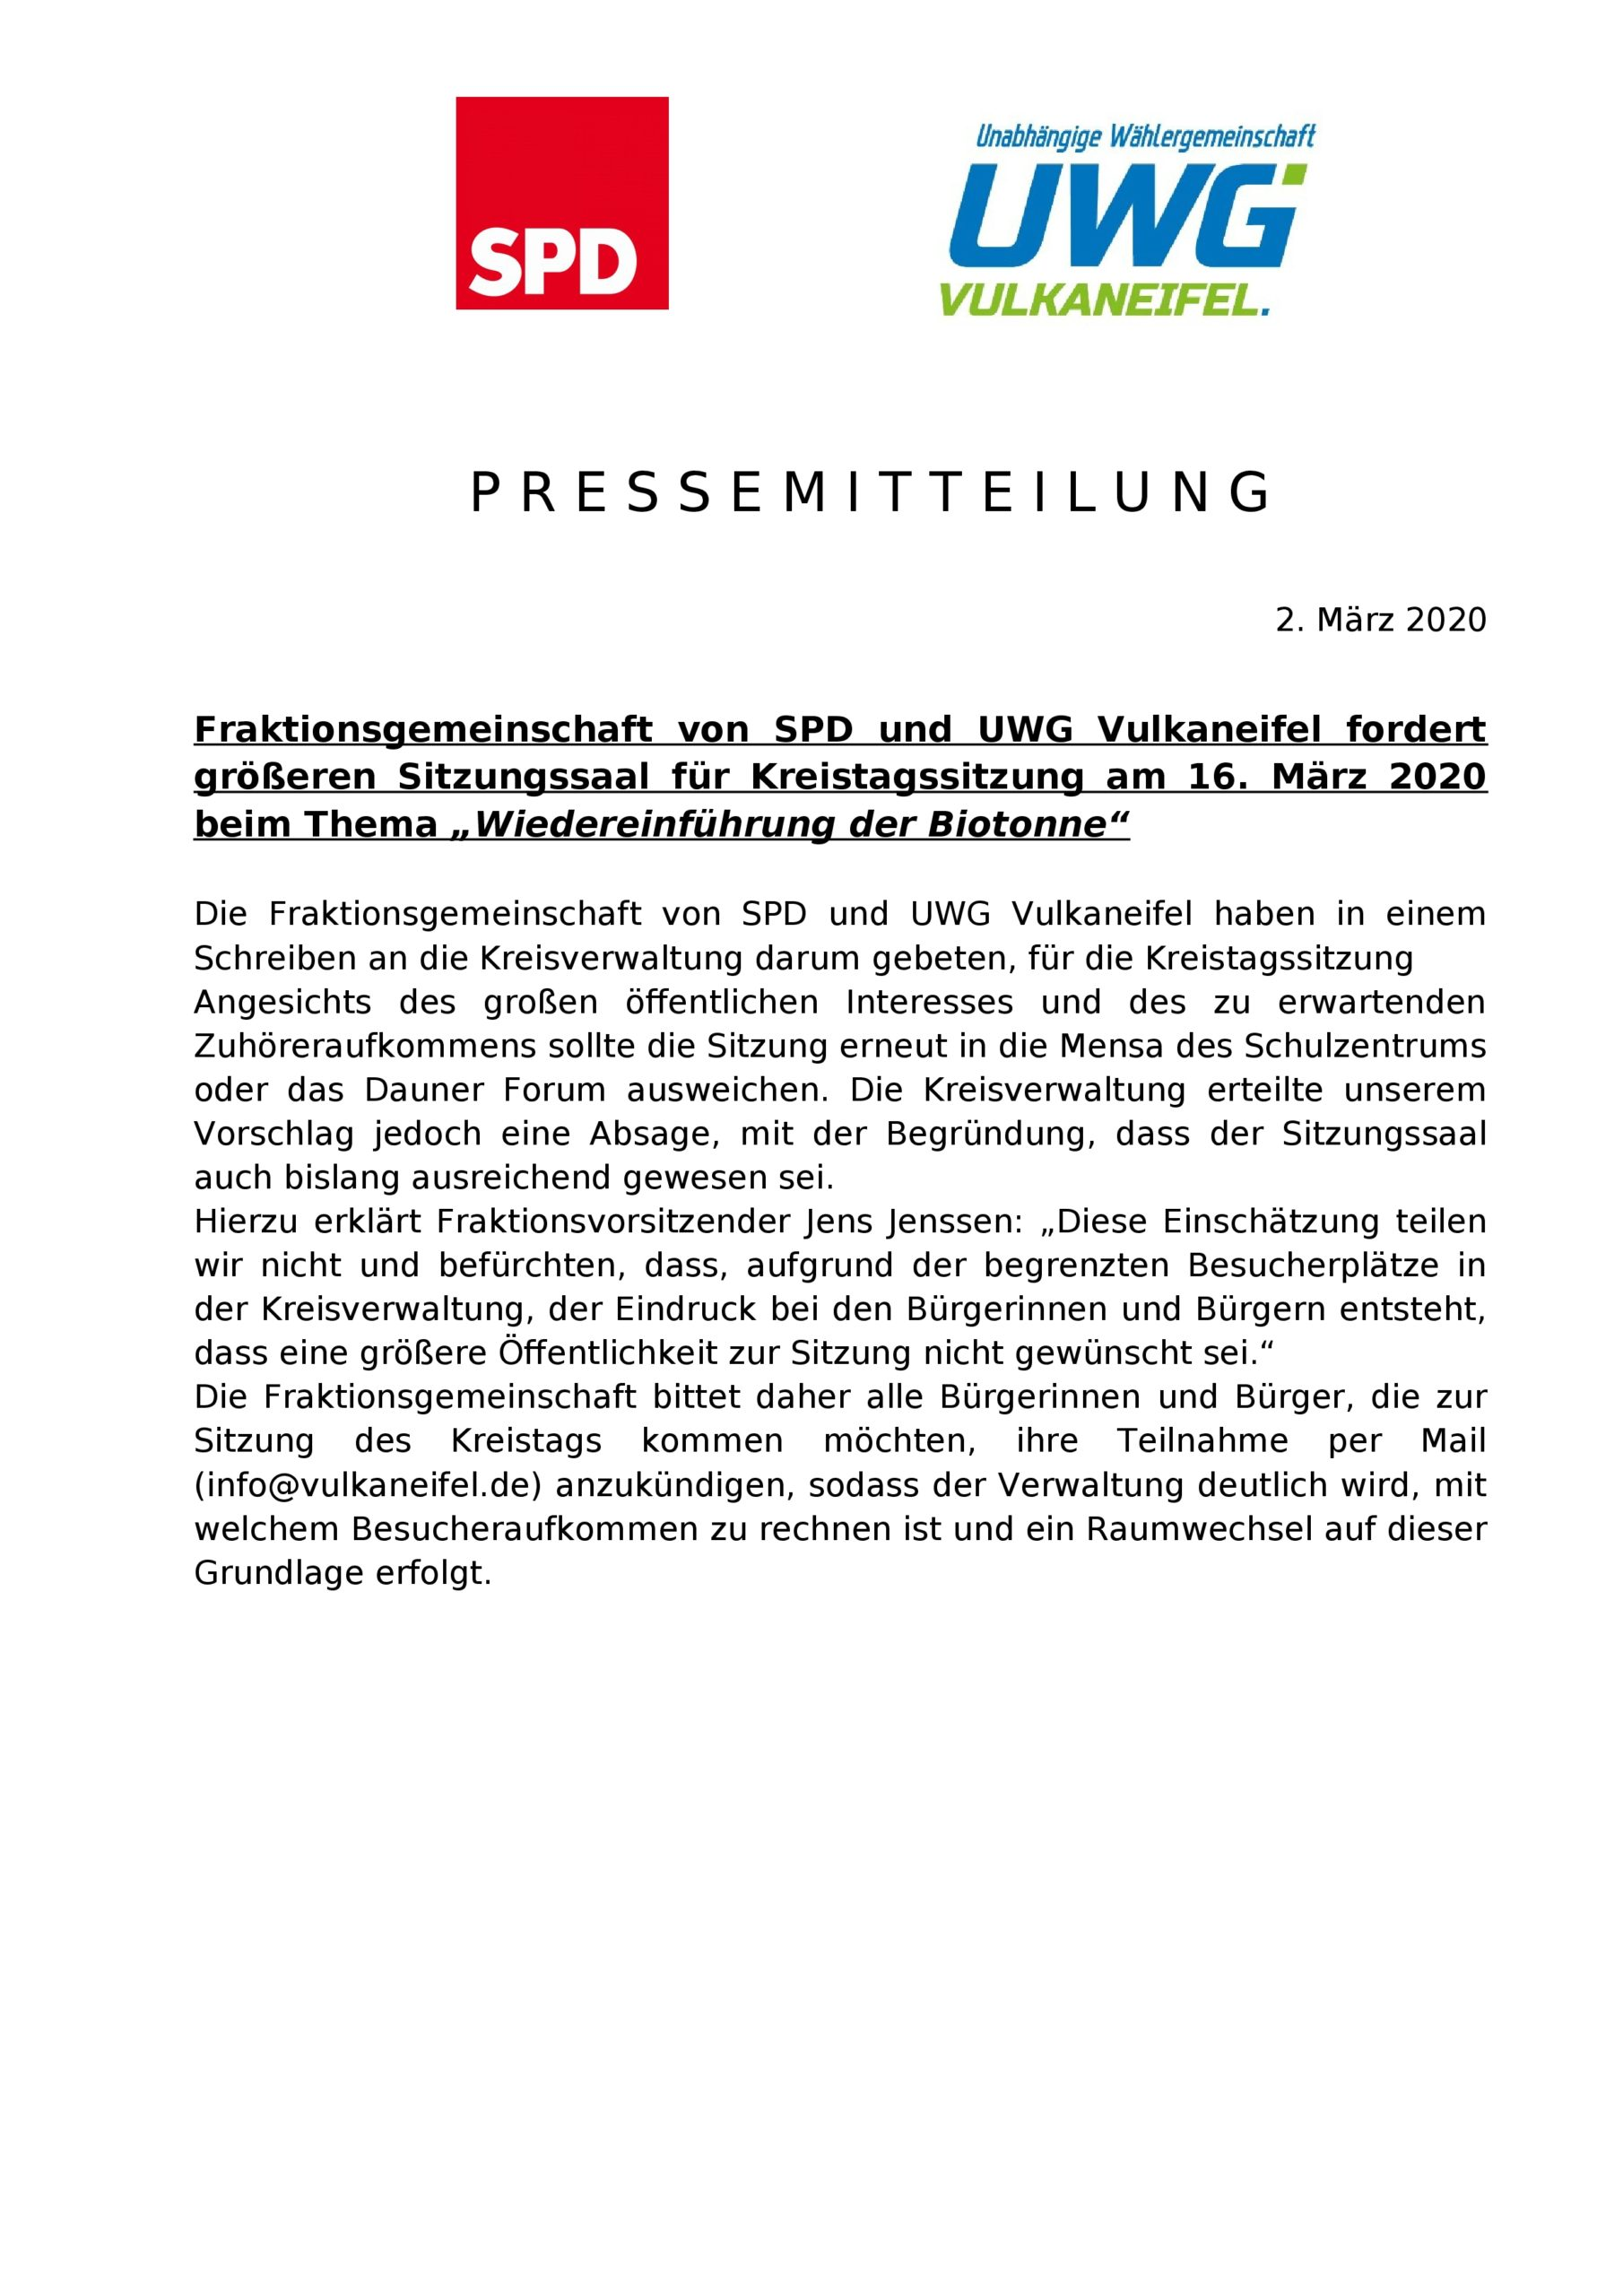 PM_Fraktionsgemeinschaft-von-SPD-und-UWG-Vulkaneifel